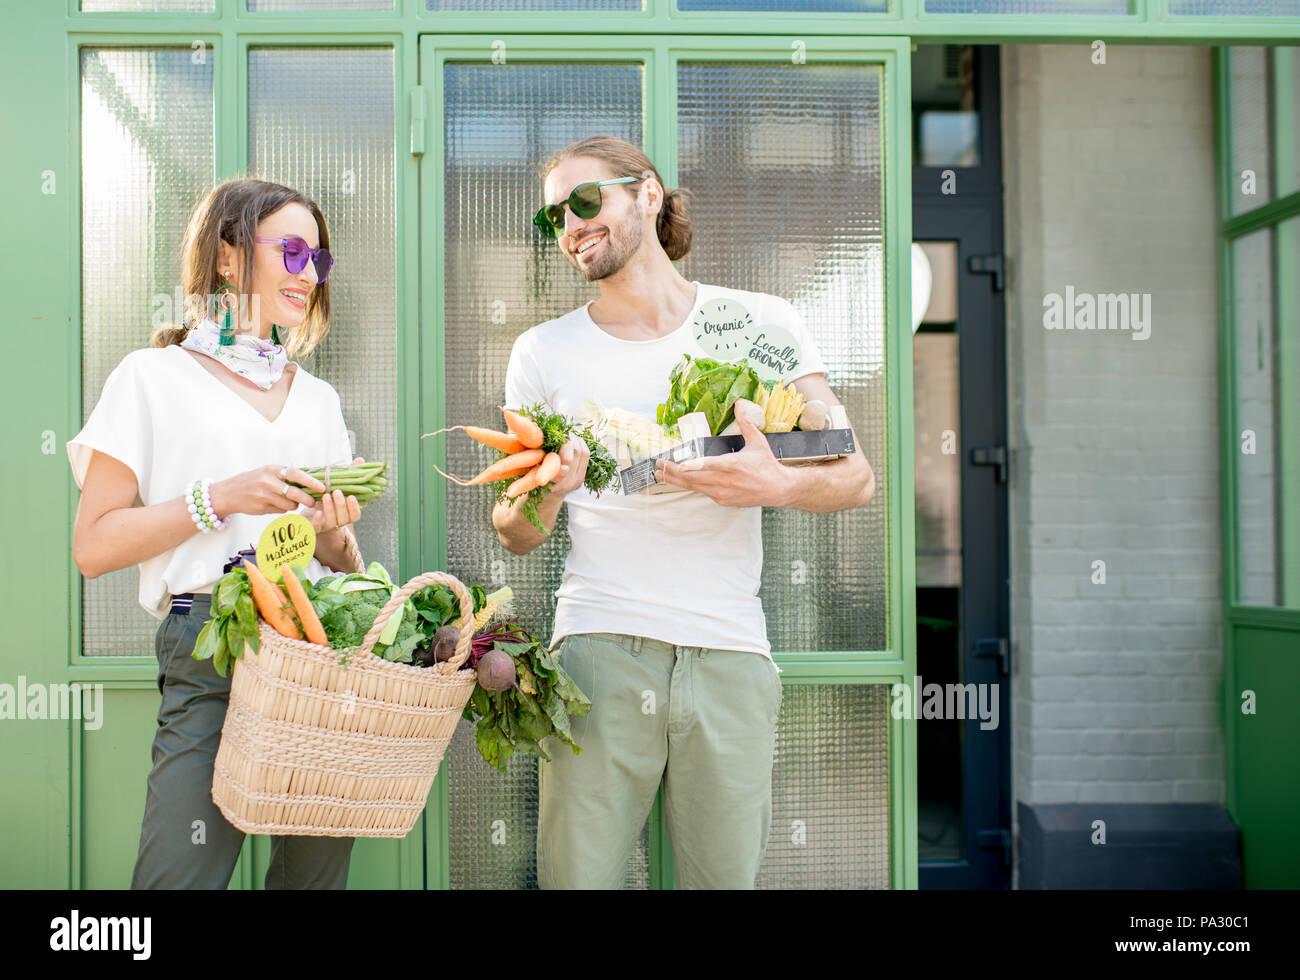 Junge vegetarische Paar stehen zusammen mit Beutel und Kasten voll Frische rohe Produkte vom lokalen Markt im Freien auf der grünen Hintergrund Stockbild